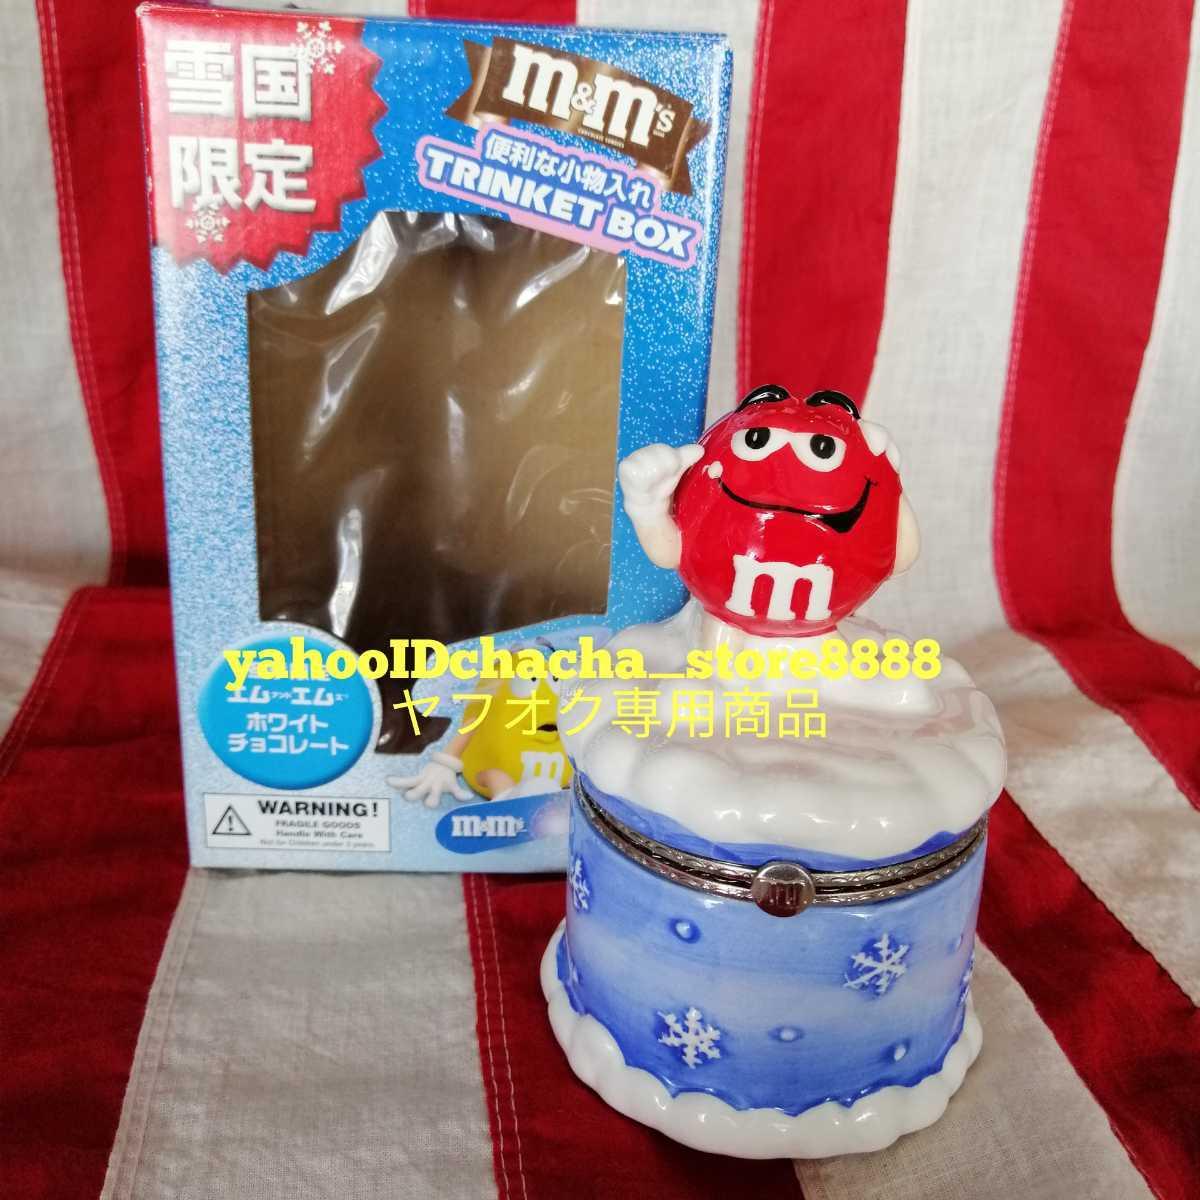 エムアンドエムズ M&Ms フィギュア インテリア 陶器製 人形 小物入れ レトロ 置き物 雪国限定品 D254_画像1